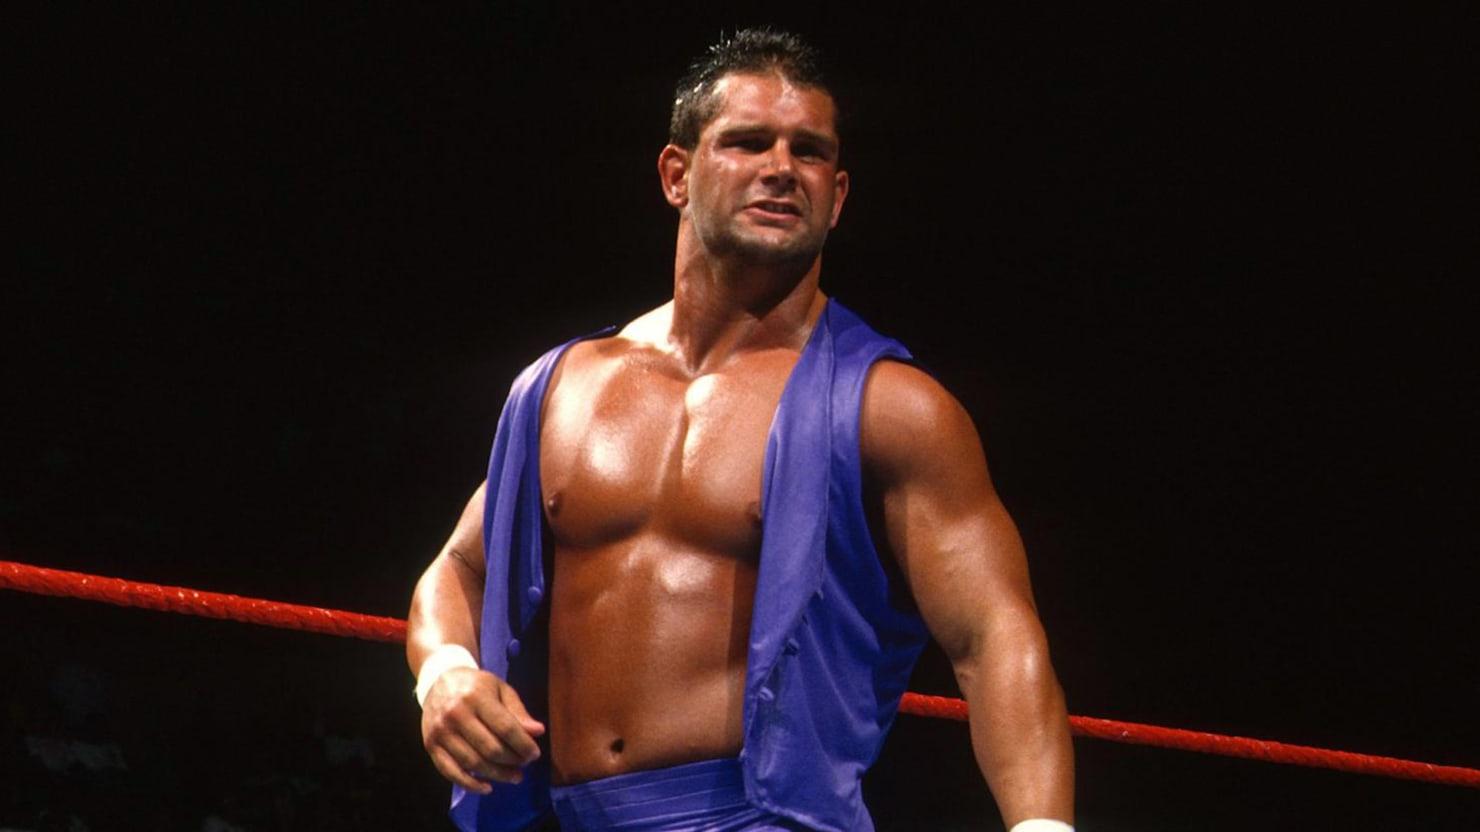 Did WWE Star Grandmaster Sexay Have to Die?